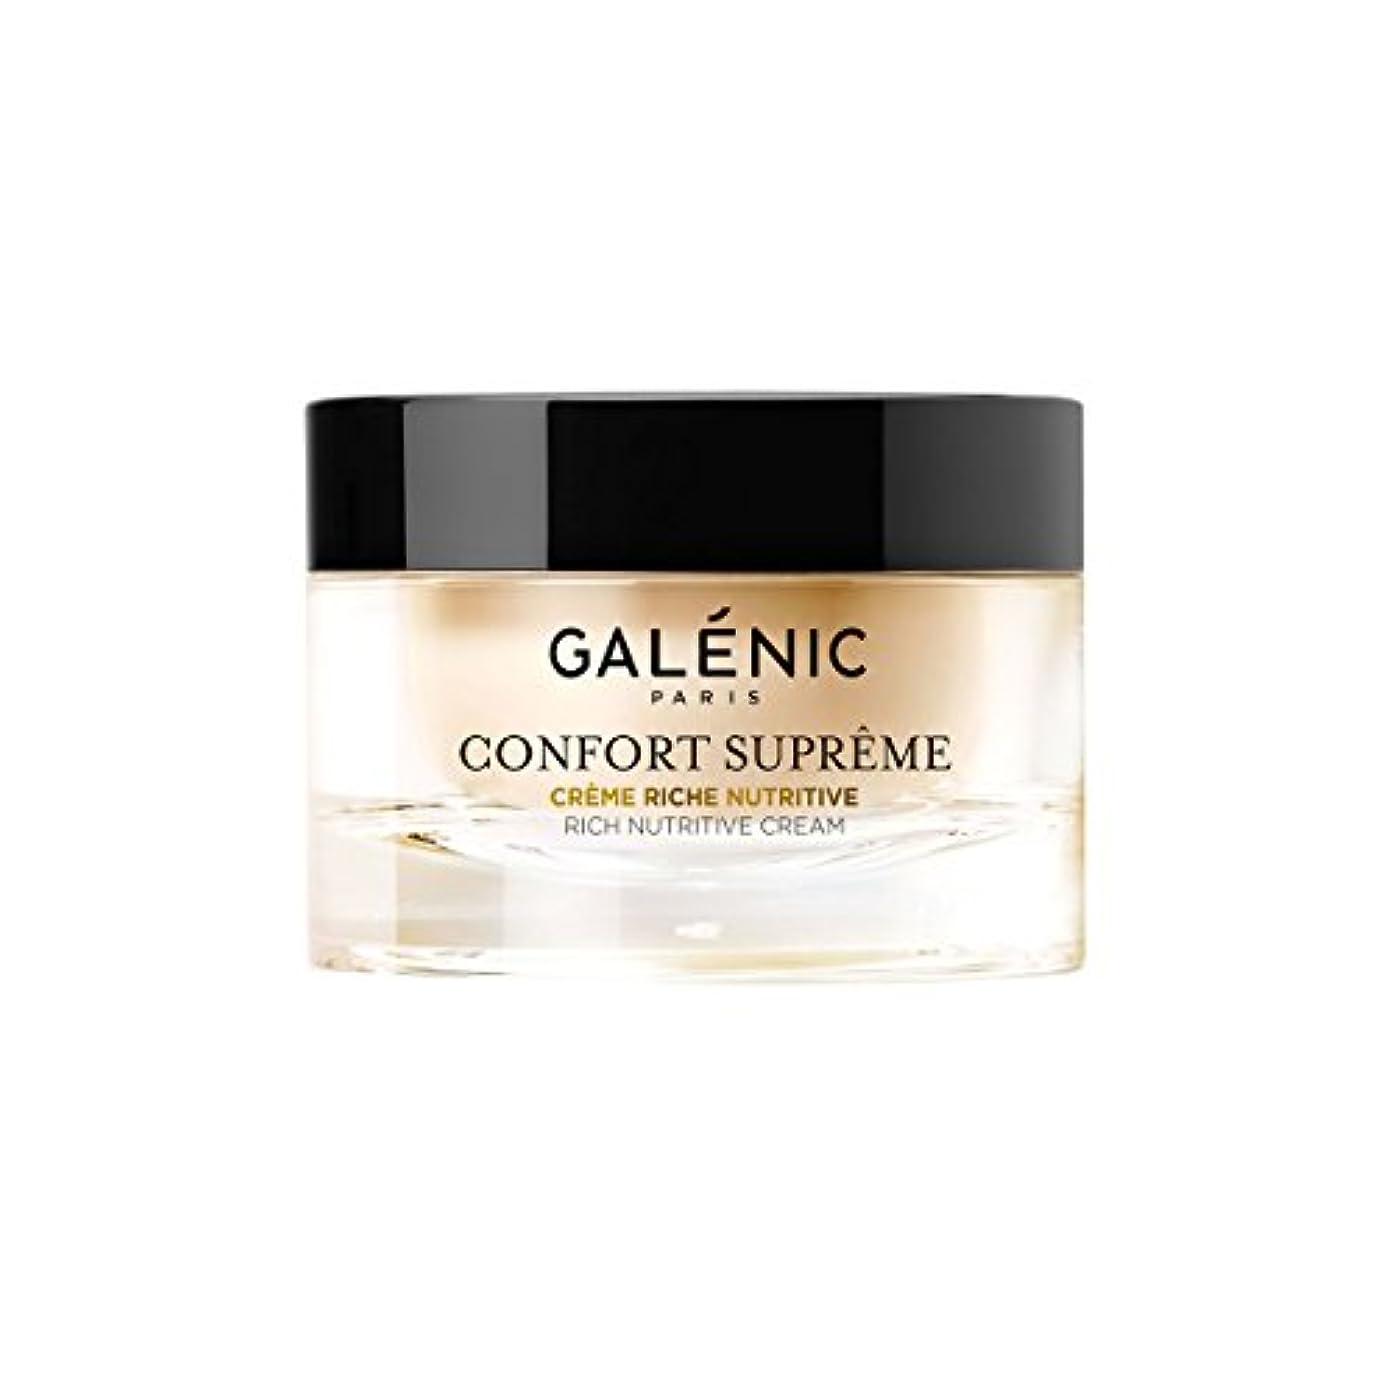 時代遅れシーサイドページGalenic Confort Supreme Rich Nutritive Cream 50ml [並行輸入品]